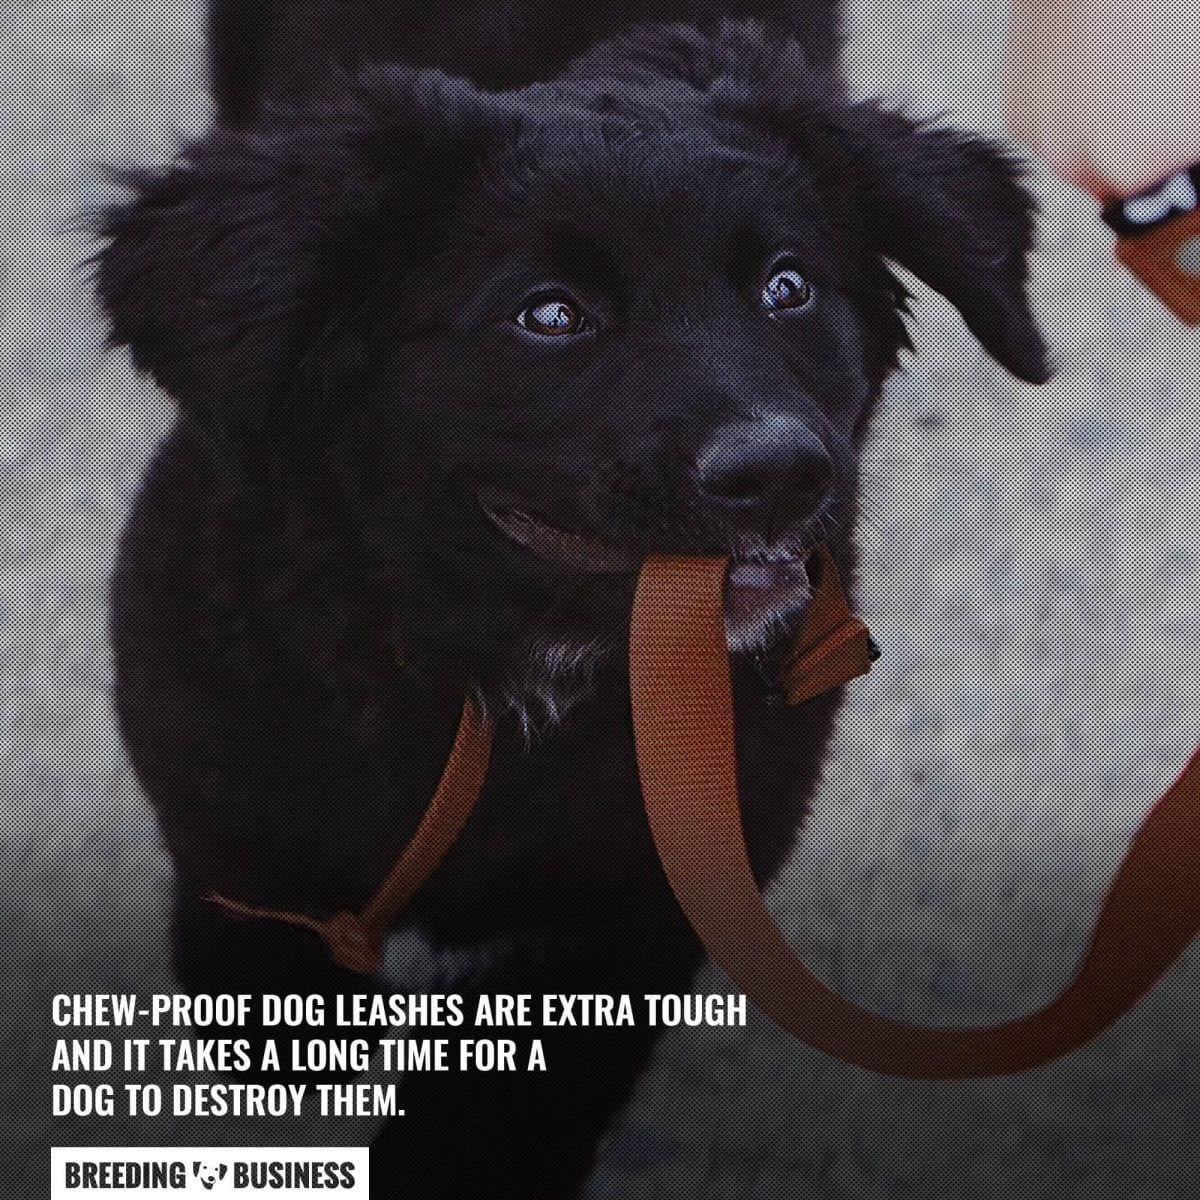 extra tough dog leashes